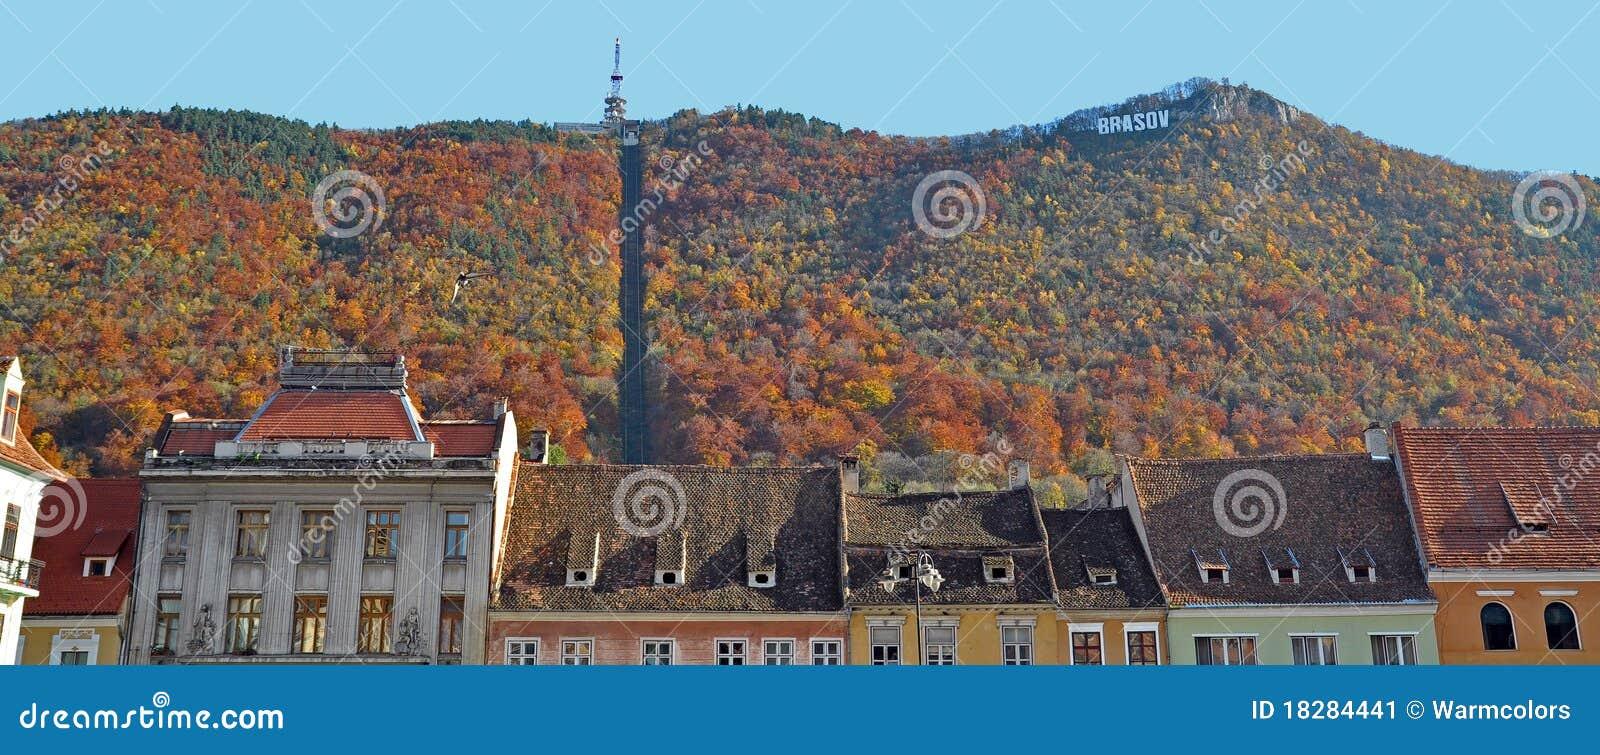 Paesaggio urbano di Brasov nella caduta